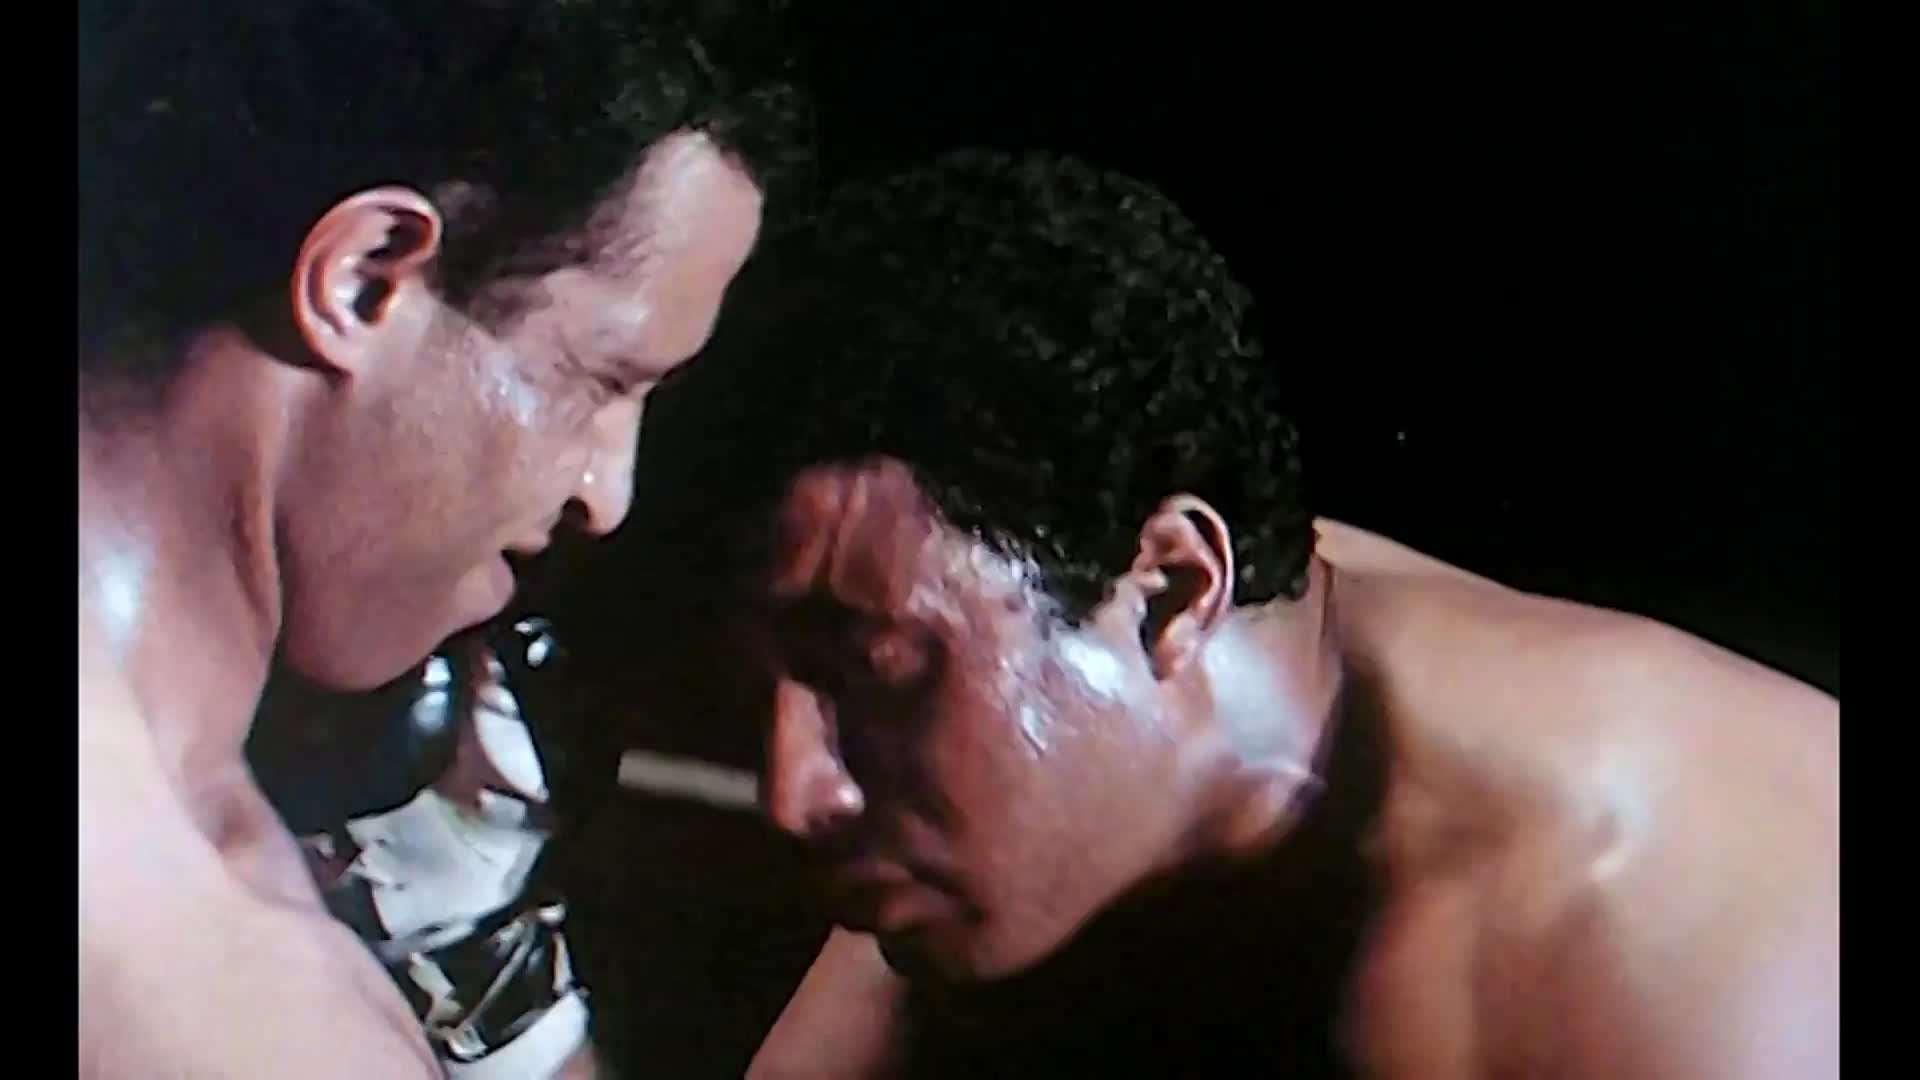 [فيلم][تورنت][تحميل][النمر الأسود][1984][1080p][Web-DL] 11 arabp2p.com